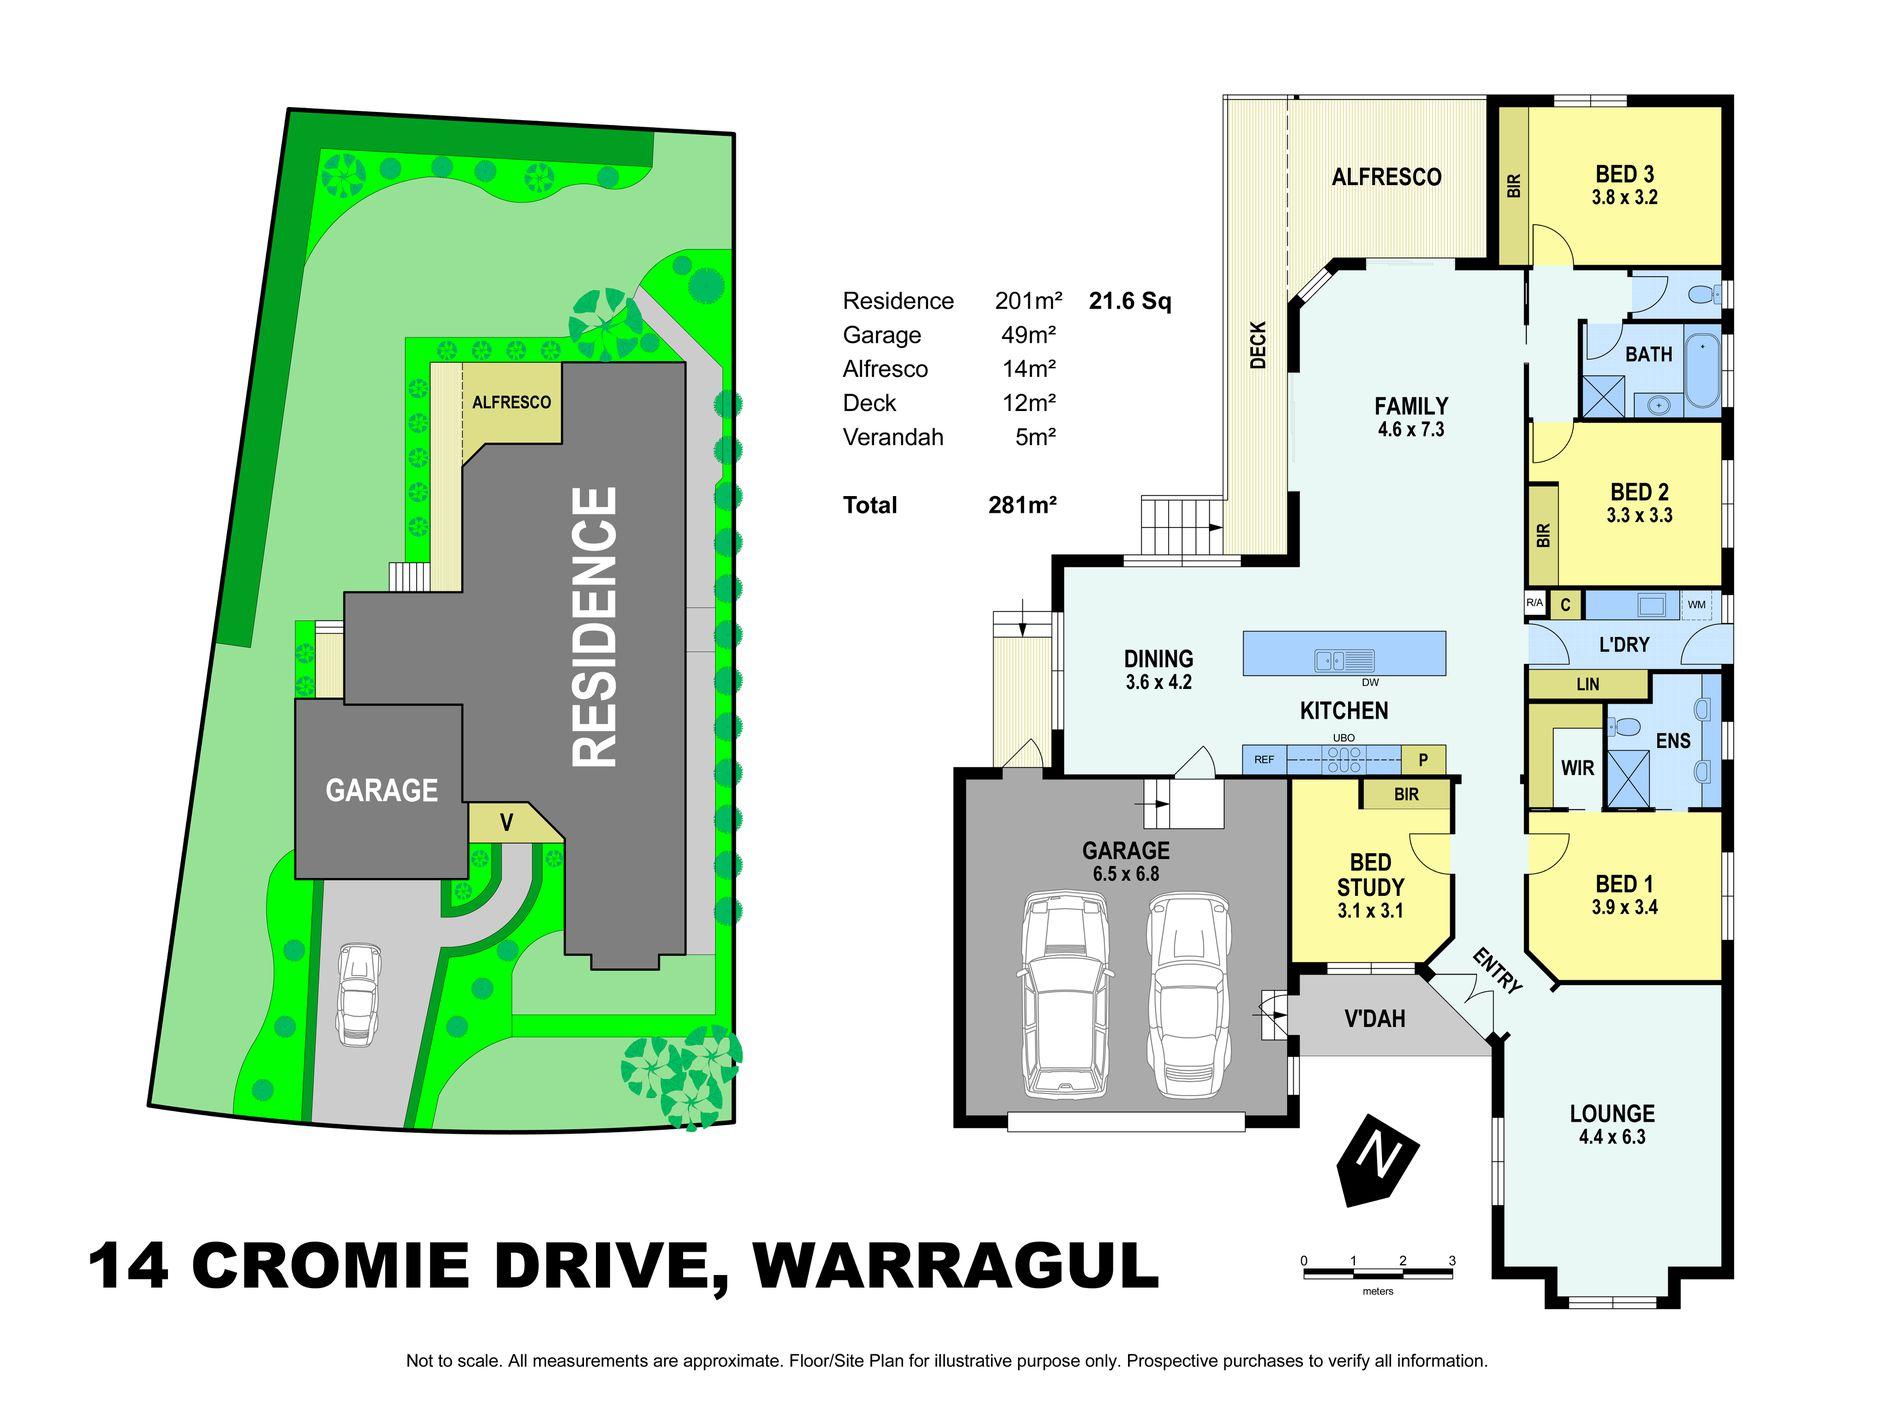 14 Cromie Drive, Warragul